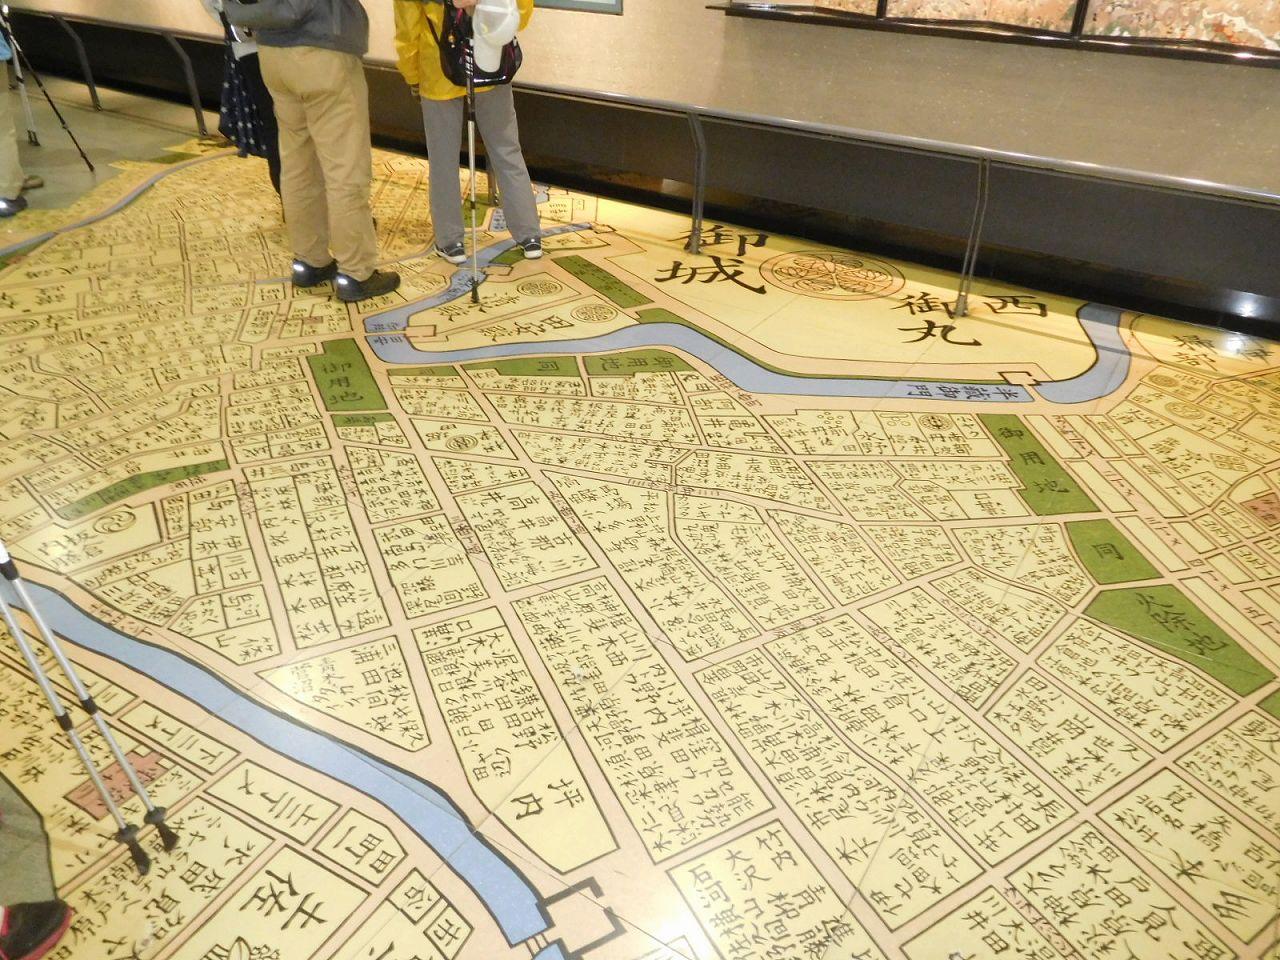 床には当時の屋敷名が書かれており、自分の名前を探す人も・・・